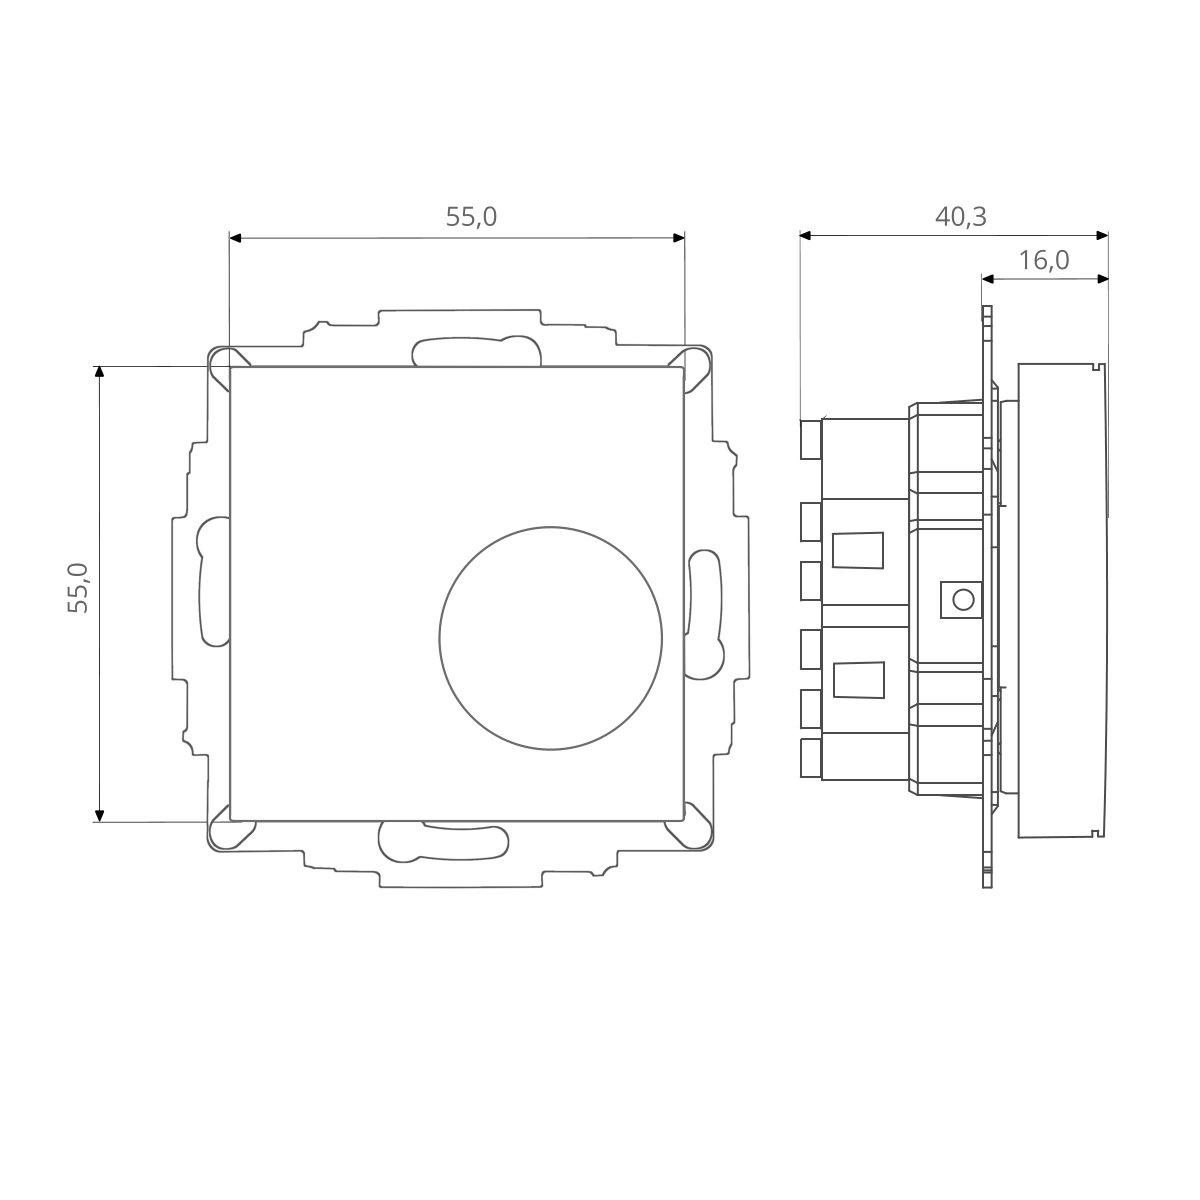 öffner Merten 1-M Rahmen aktivweiß für Fußbodenheizung Raumthermostat inkl